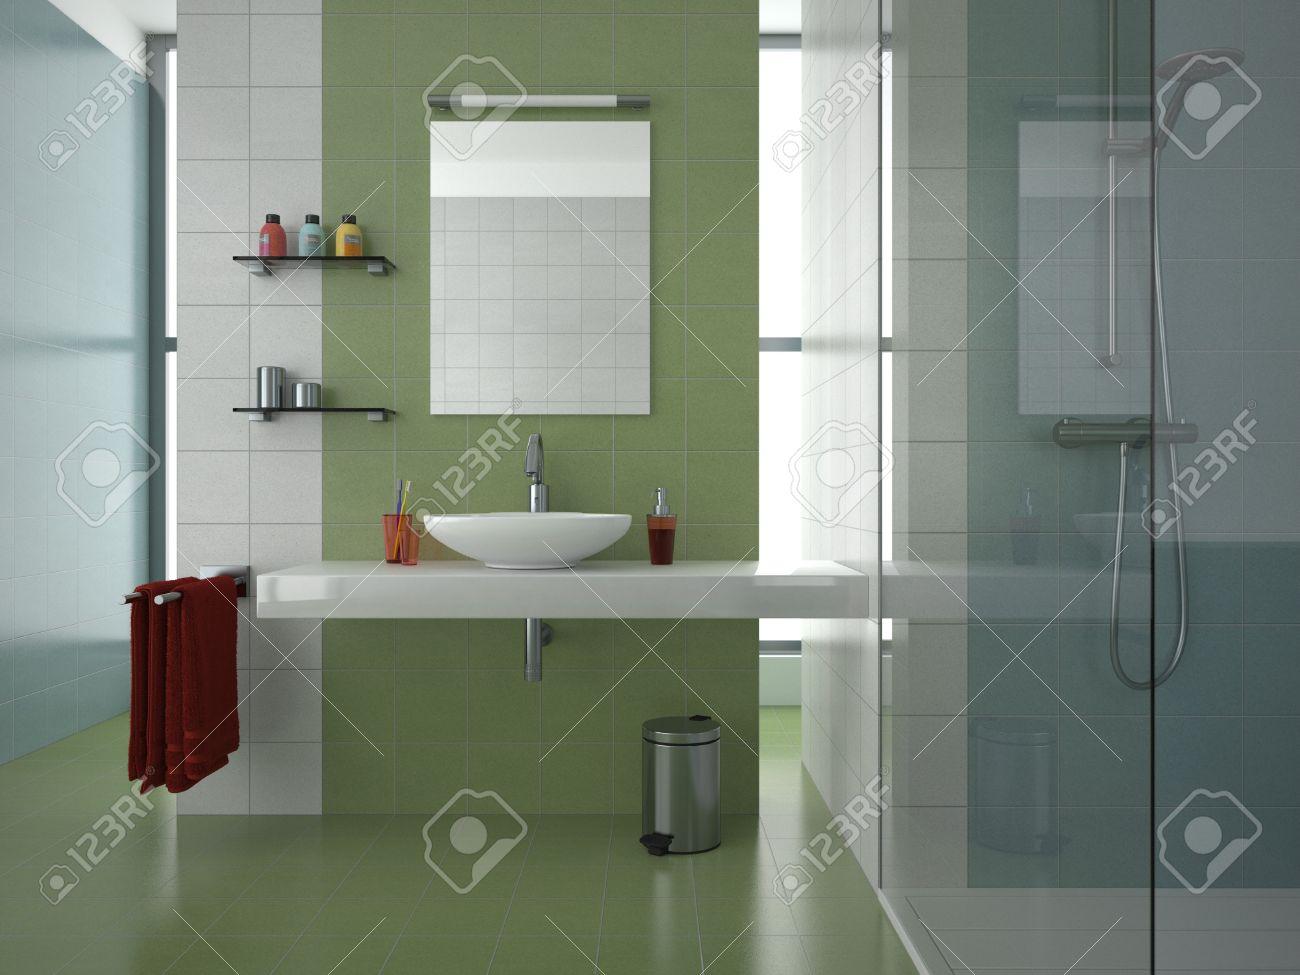 bagno moderno con piastrelle verde, bianchi e blu foto royalty ... - Bagni Moderni Verdi